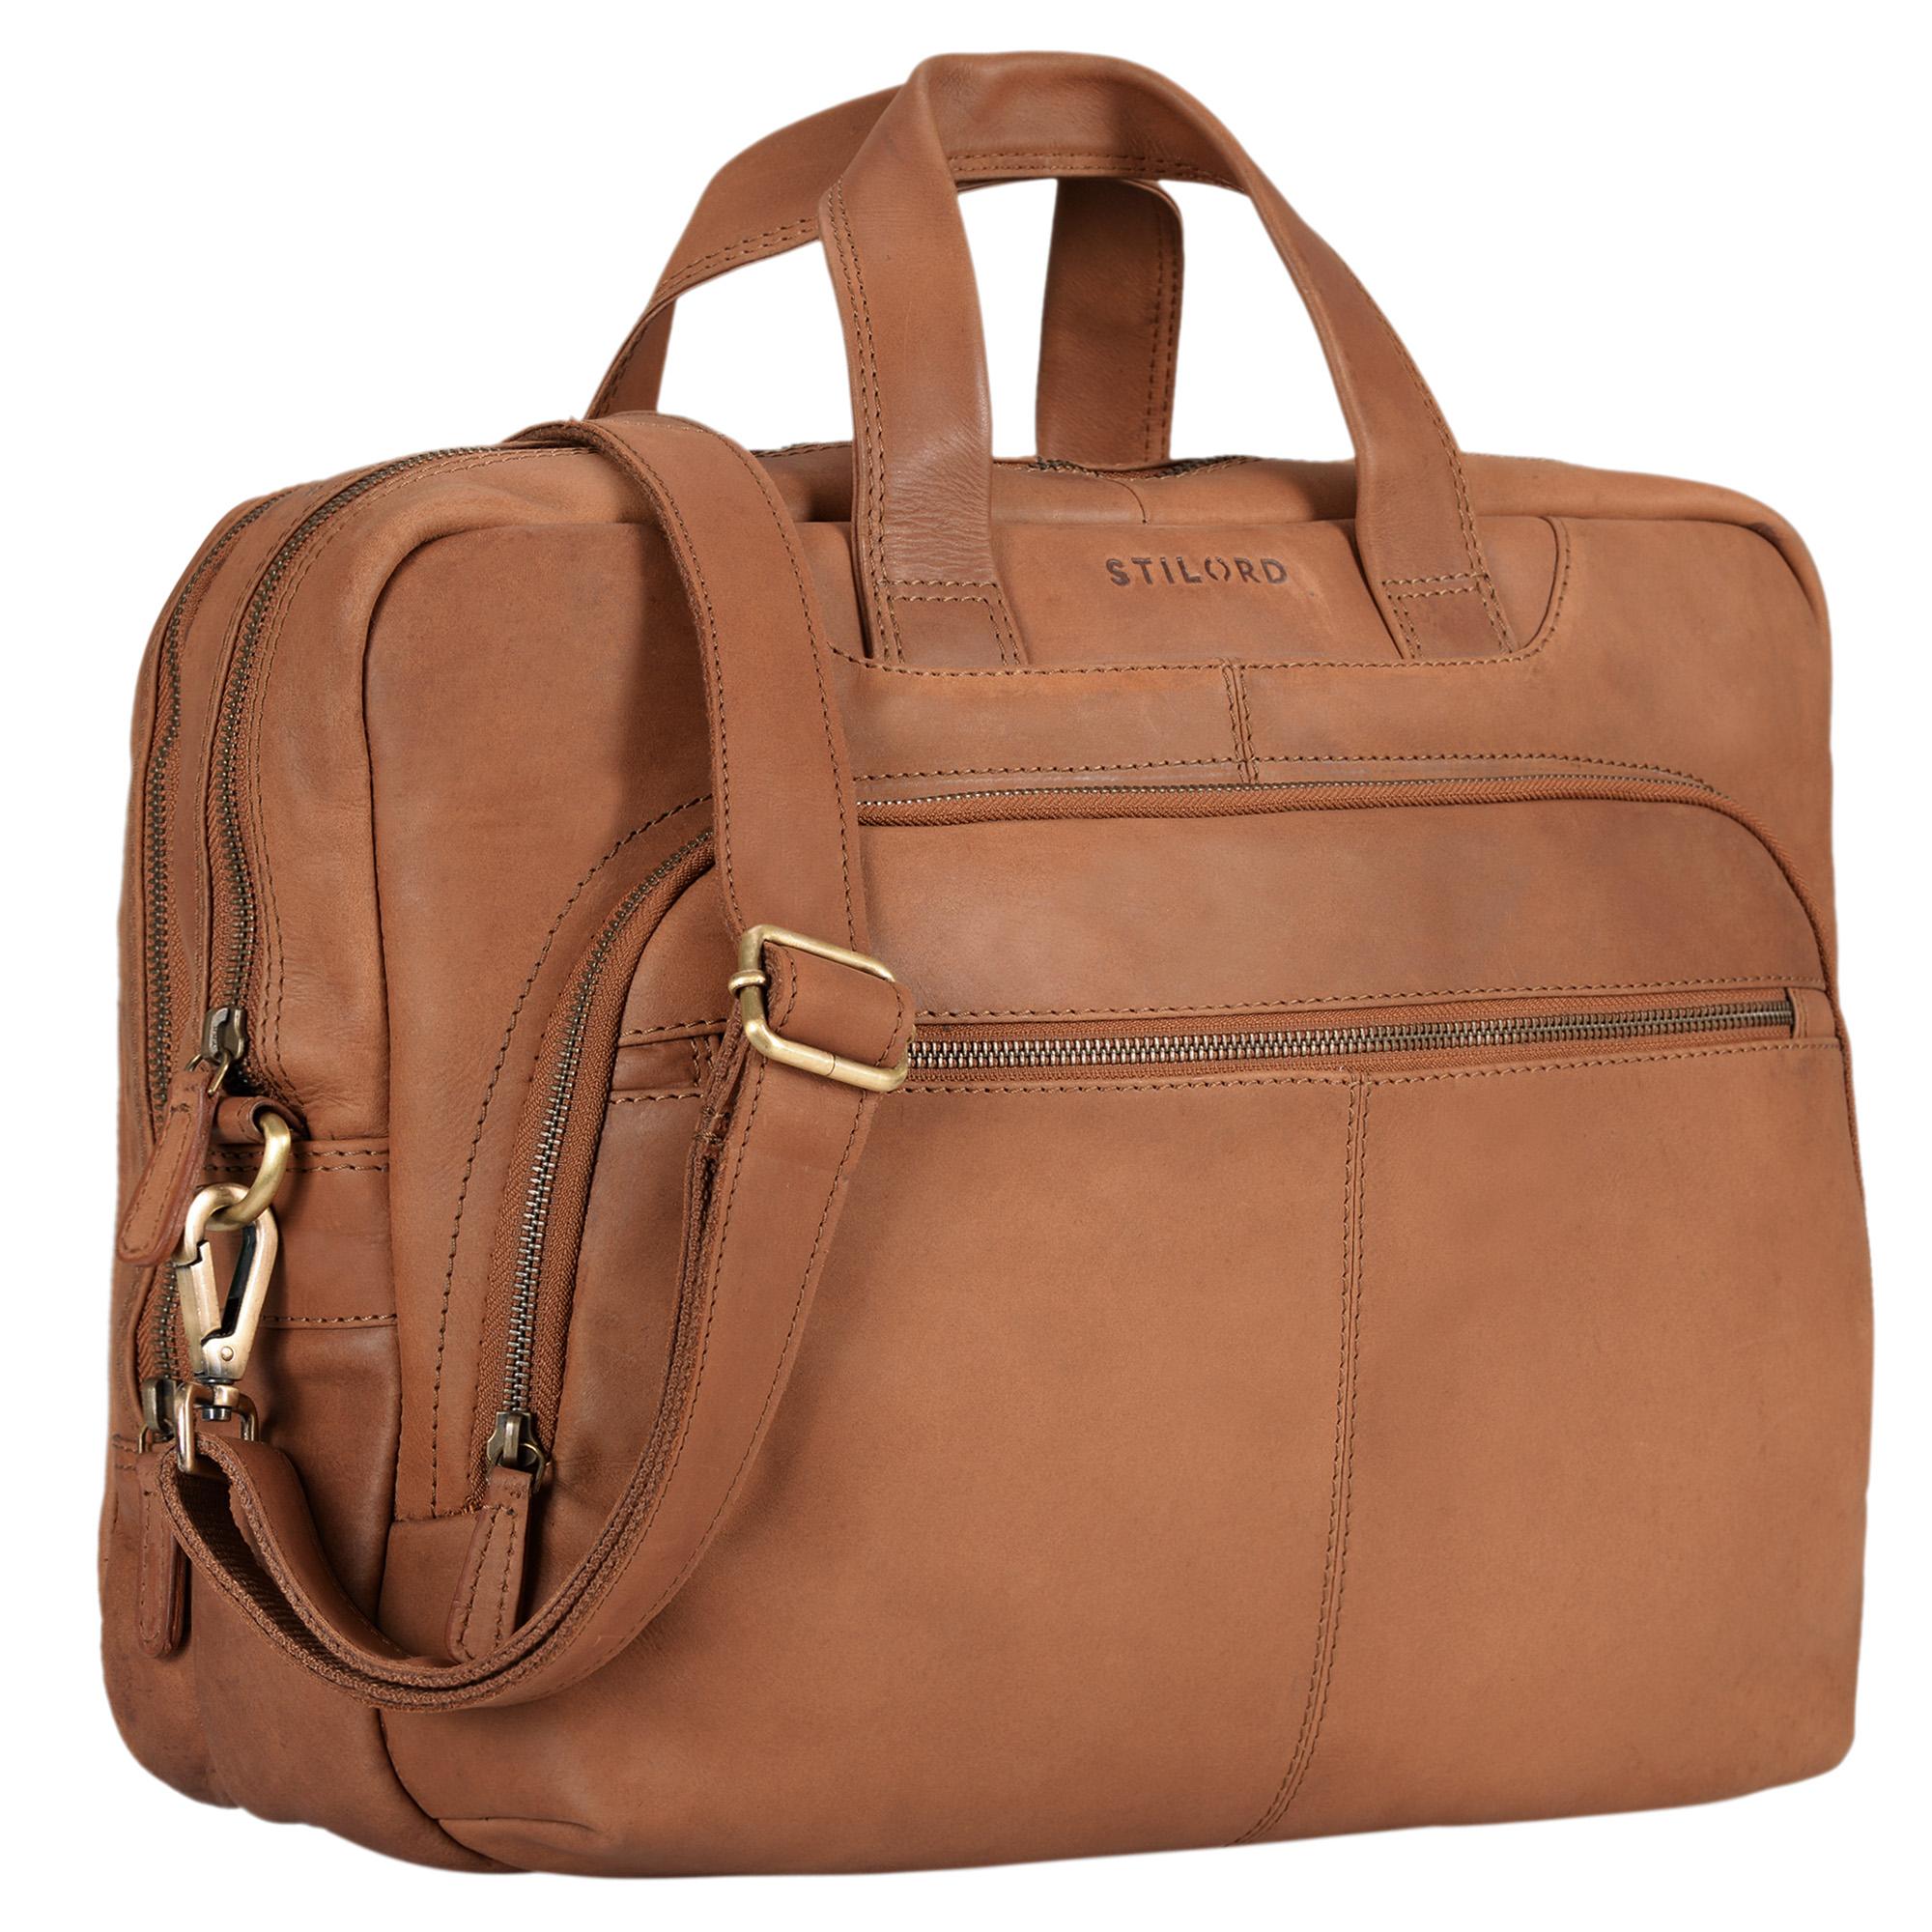 """STILORD """"Alan"""" Leder Umhängetasche groß Herren Damen Vintage 15,6 Zoll Laptoptasche XL Arbeitstasche Lehrertasche Arbeit Büro Uni echtes Leder  - Bild 8"""